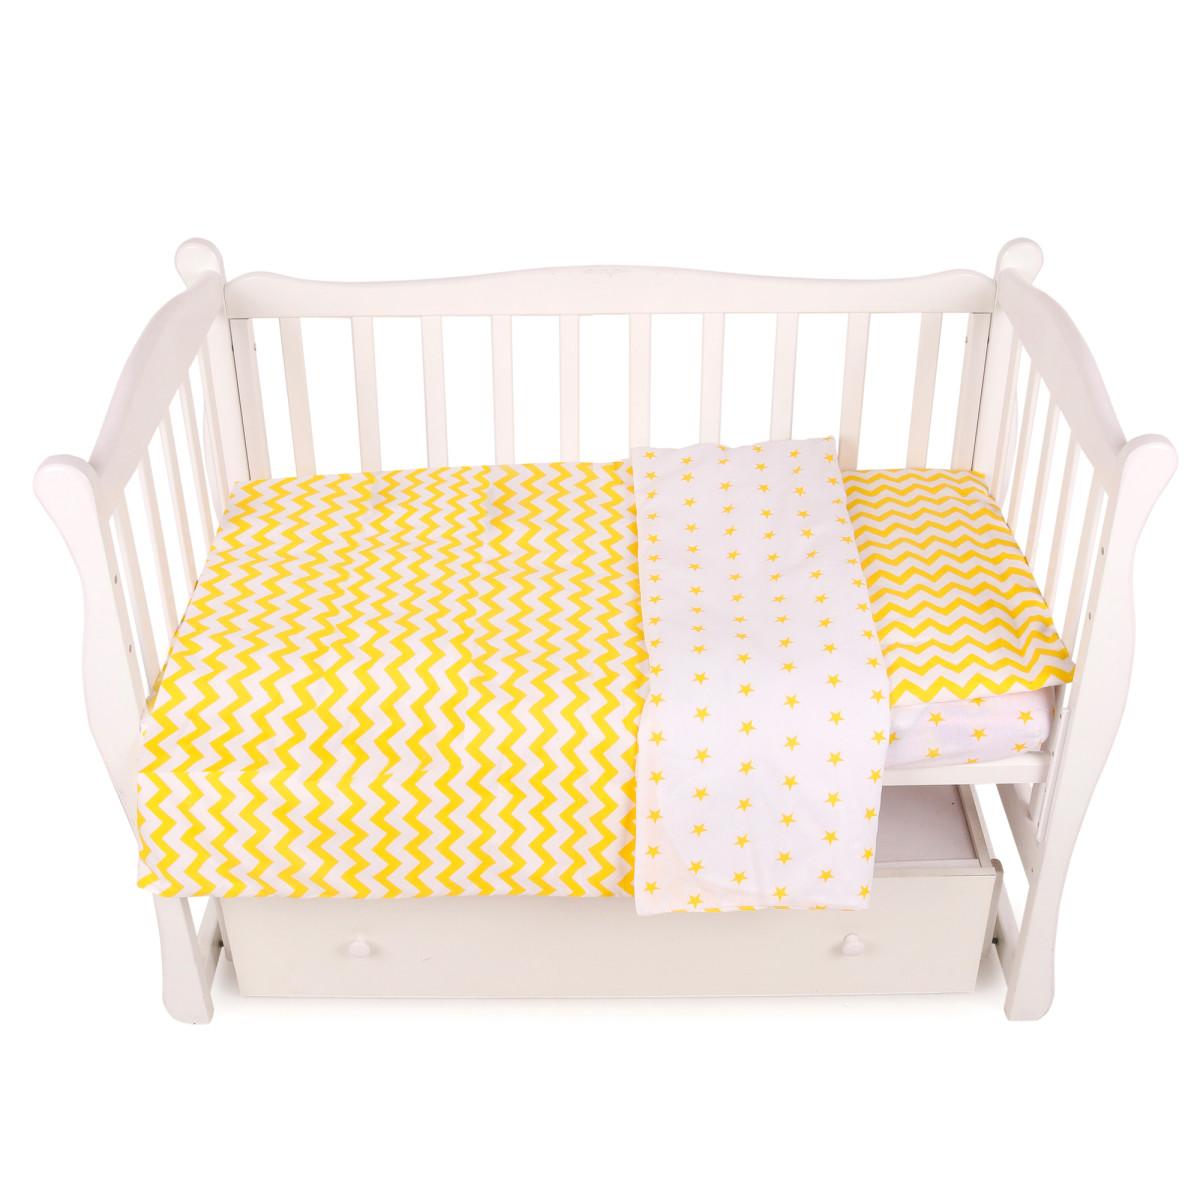 Комплект постельного белья AmaroBaby Baby Boom Желтый Зигзаг в кроватку бязь 3 предмета